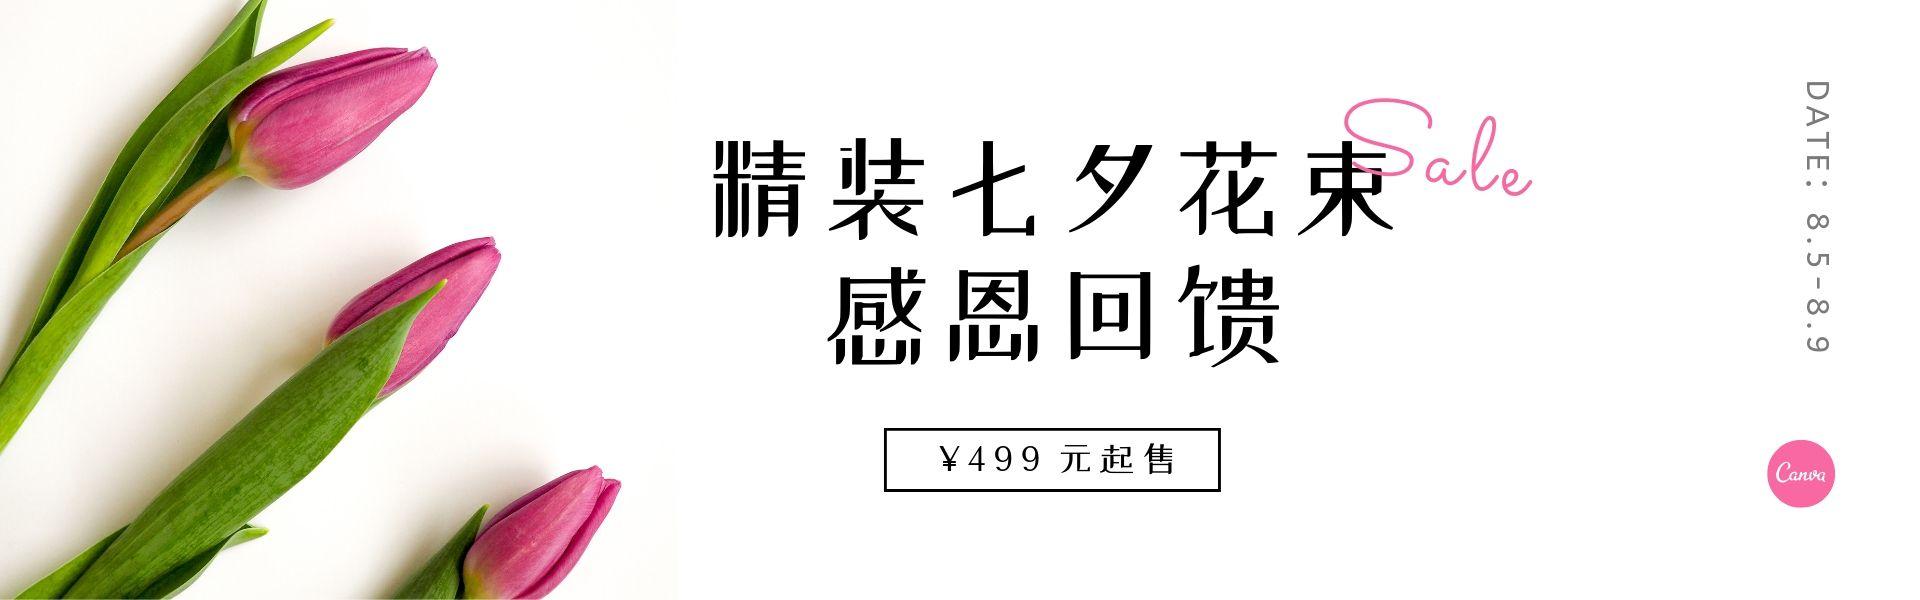 七夕banner